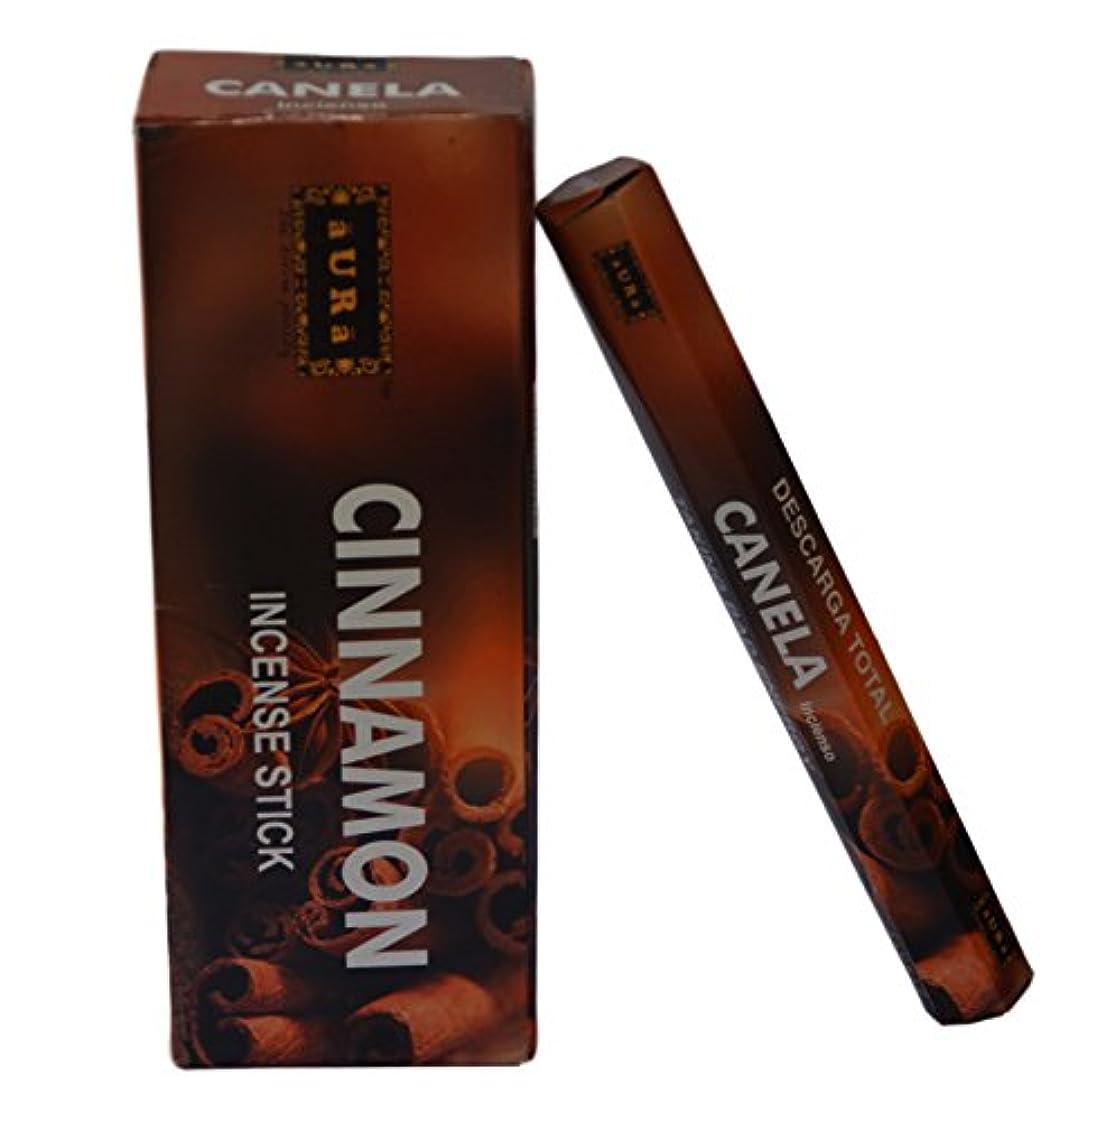 終わったアプライアンス苦情文句オーラCinnamon Scented Incense Sticks、プレミアム天然Incense Sticks、六角packing- 120 Sticks